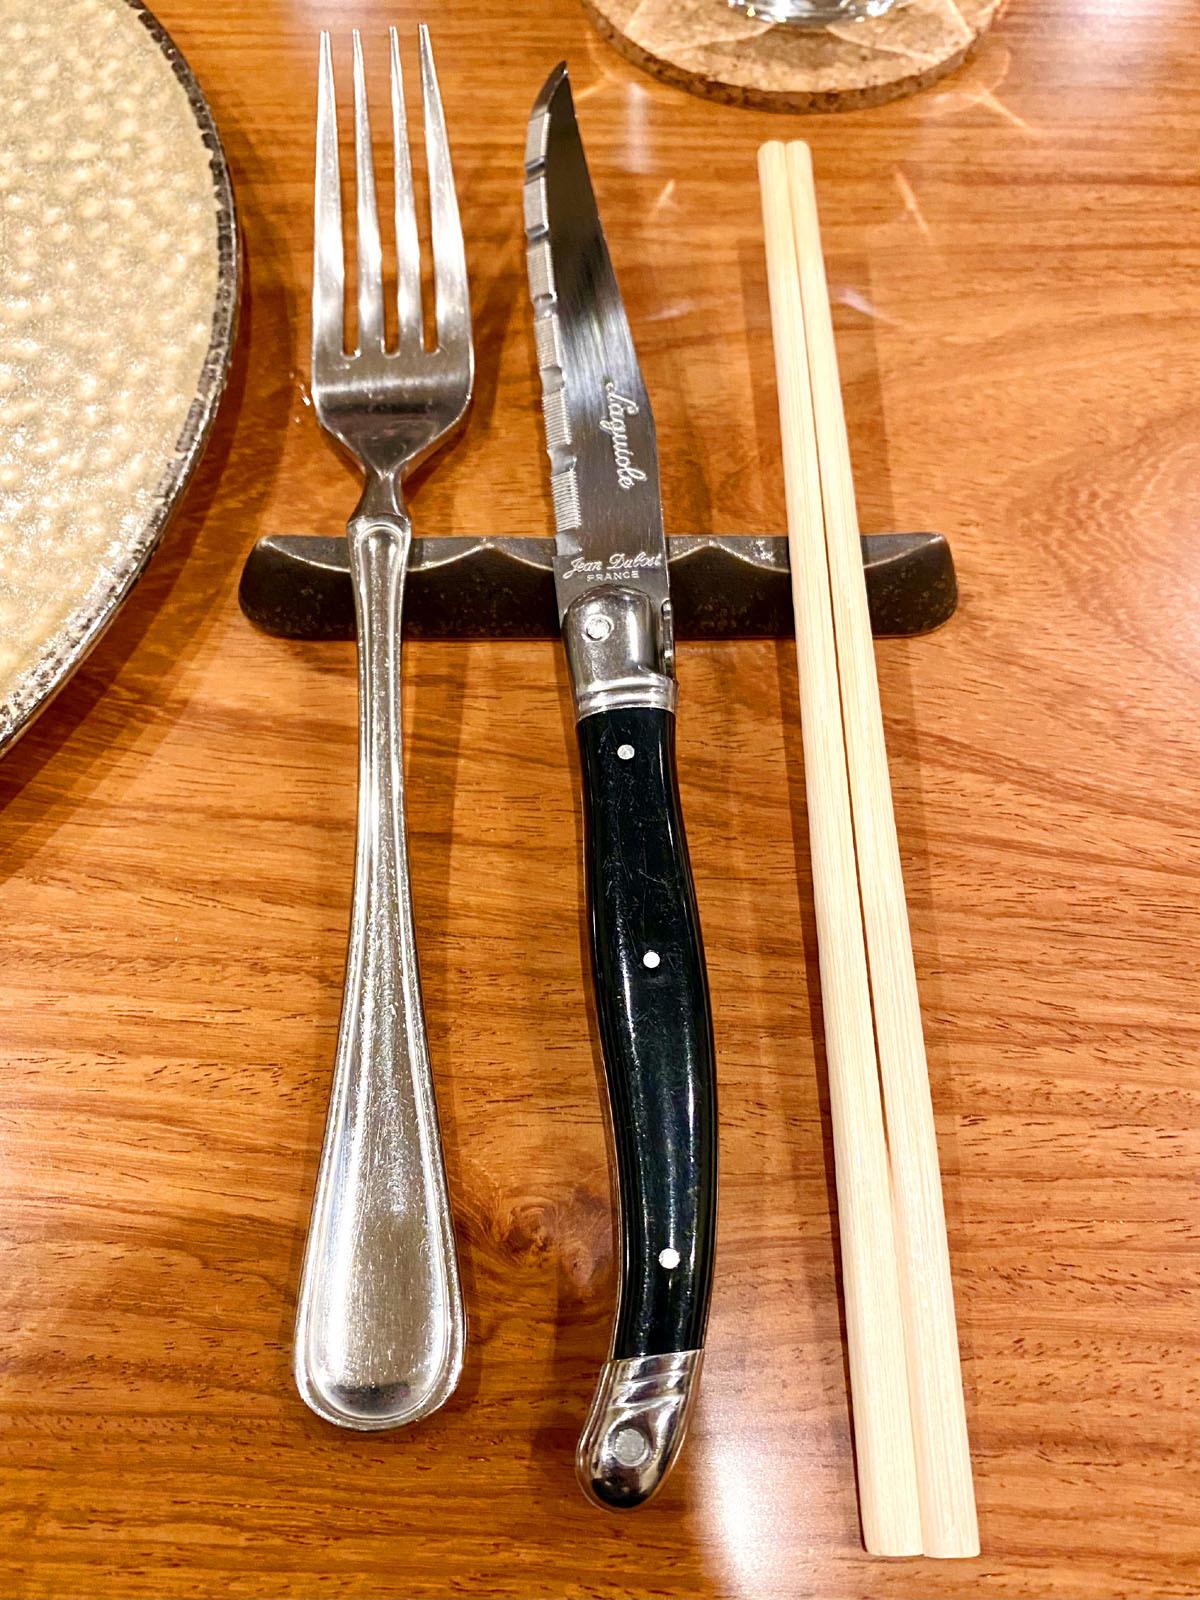 ビストロ ミューザンミュー 18 Jean Dubost Laguiole (ジャン・デュボ社のライヨール)のステーキナイフ